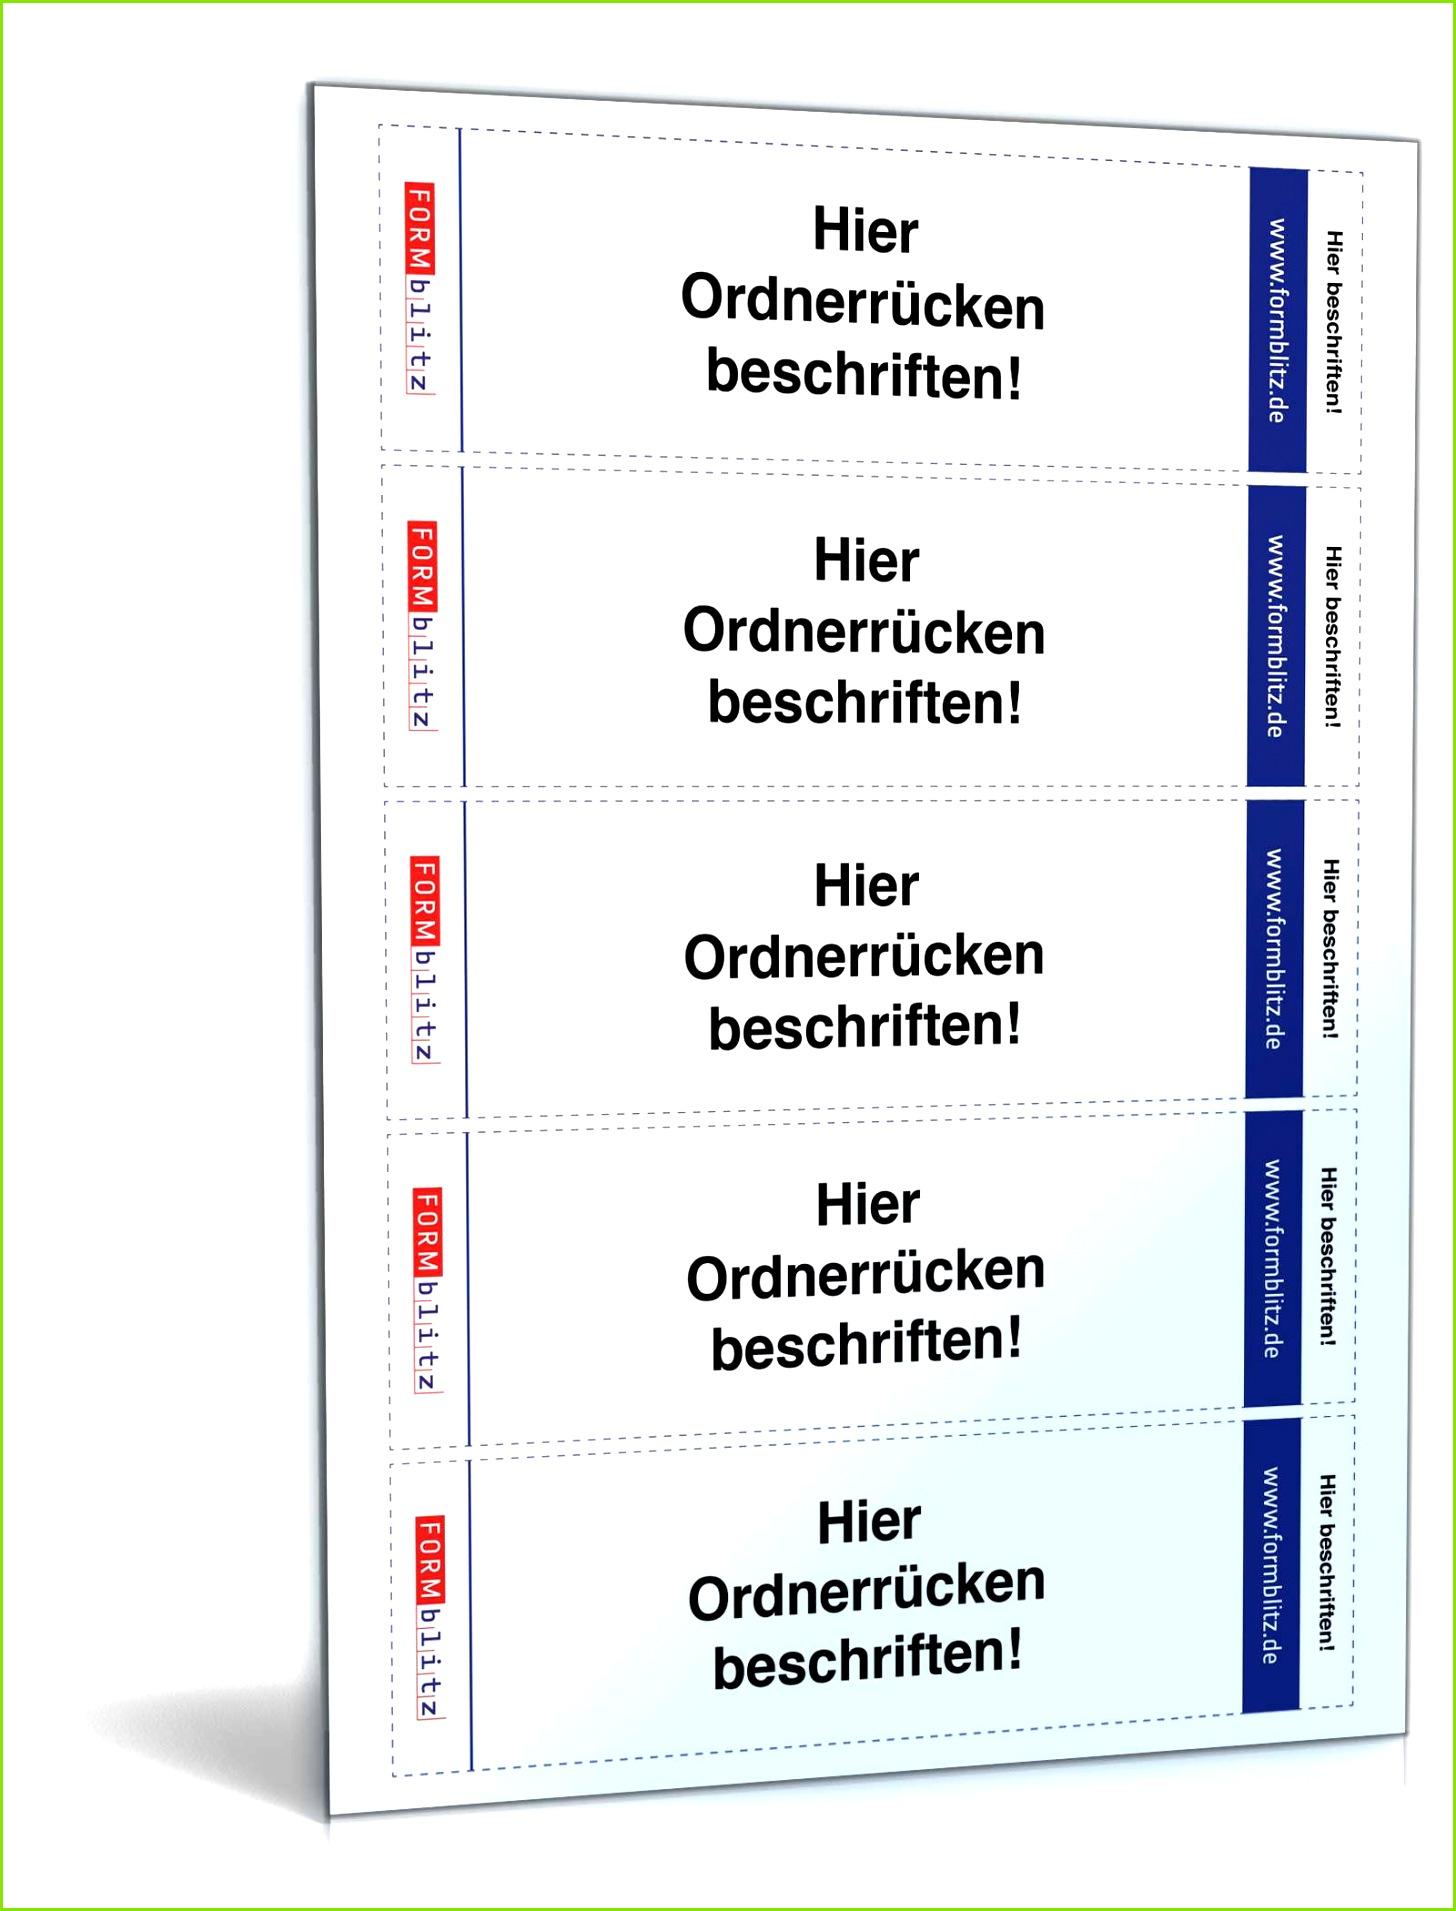 Ordnerrcken Fr Leitz Ordner Hochformat 53 X 188 durchgehend Different Leitz Etiketten Vorlage